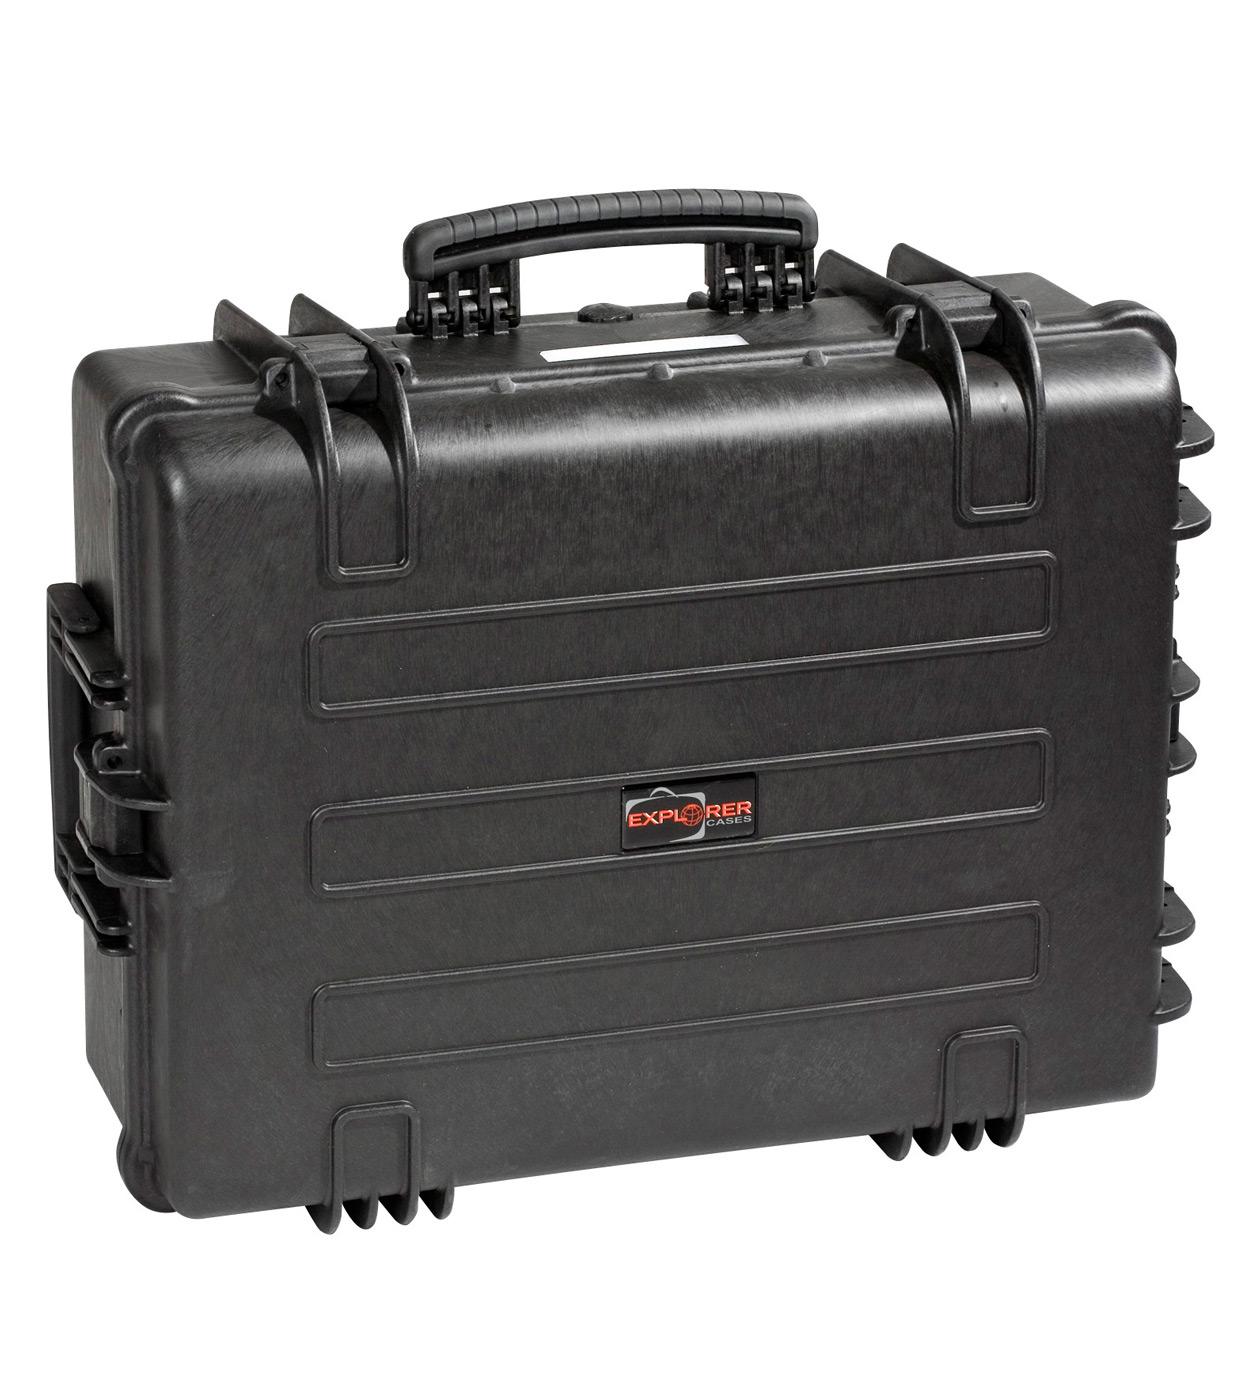 Куфар за експедиции Explorer 5822.B.E - Explorer cases